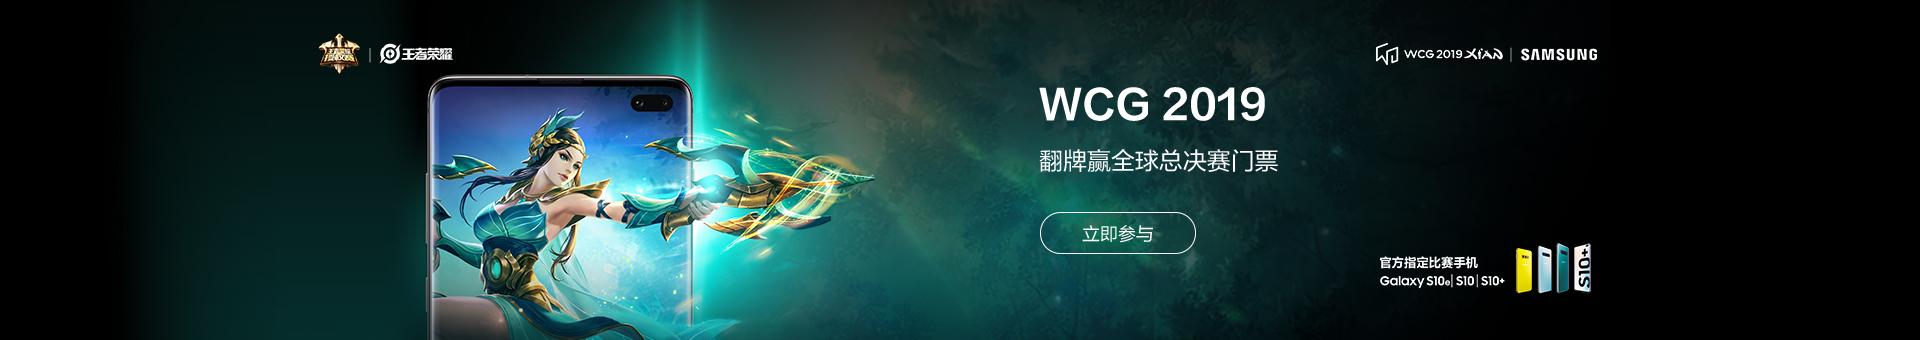 翻牌赢WCG2019总决赛门票